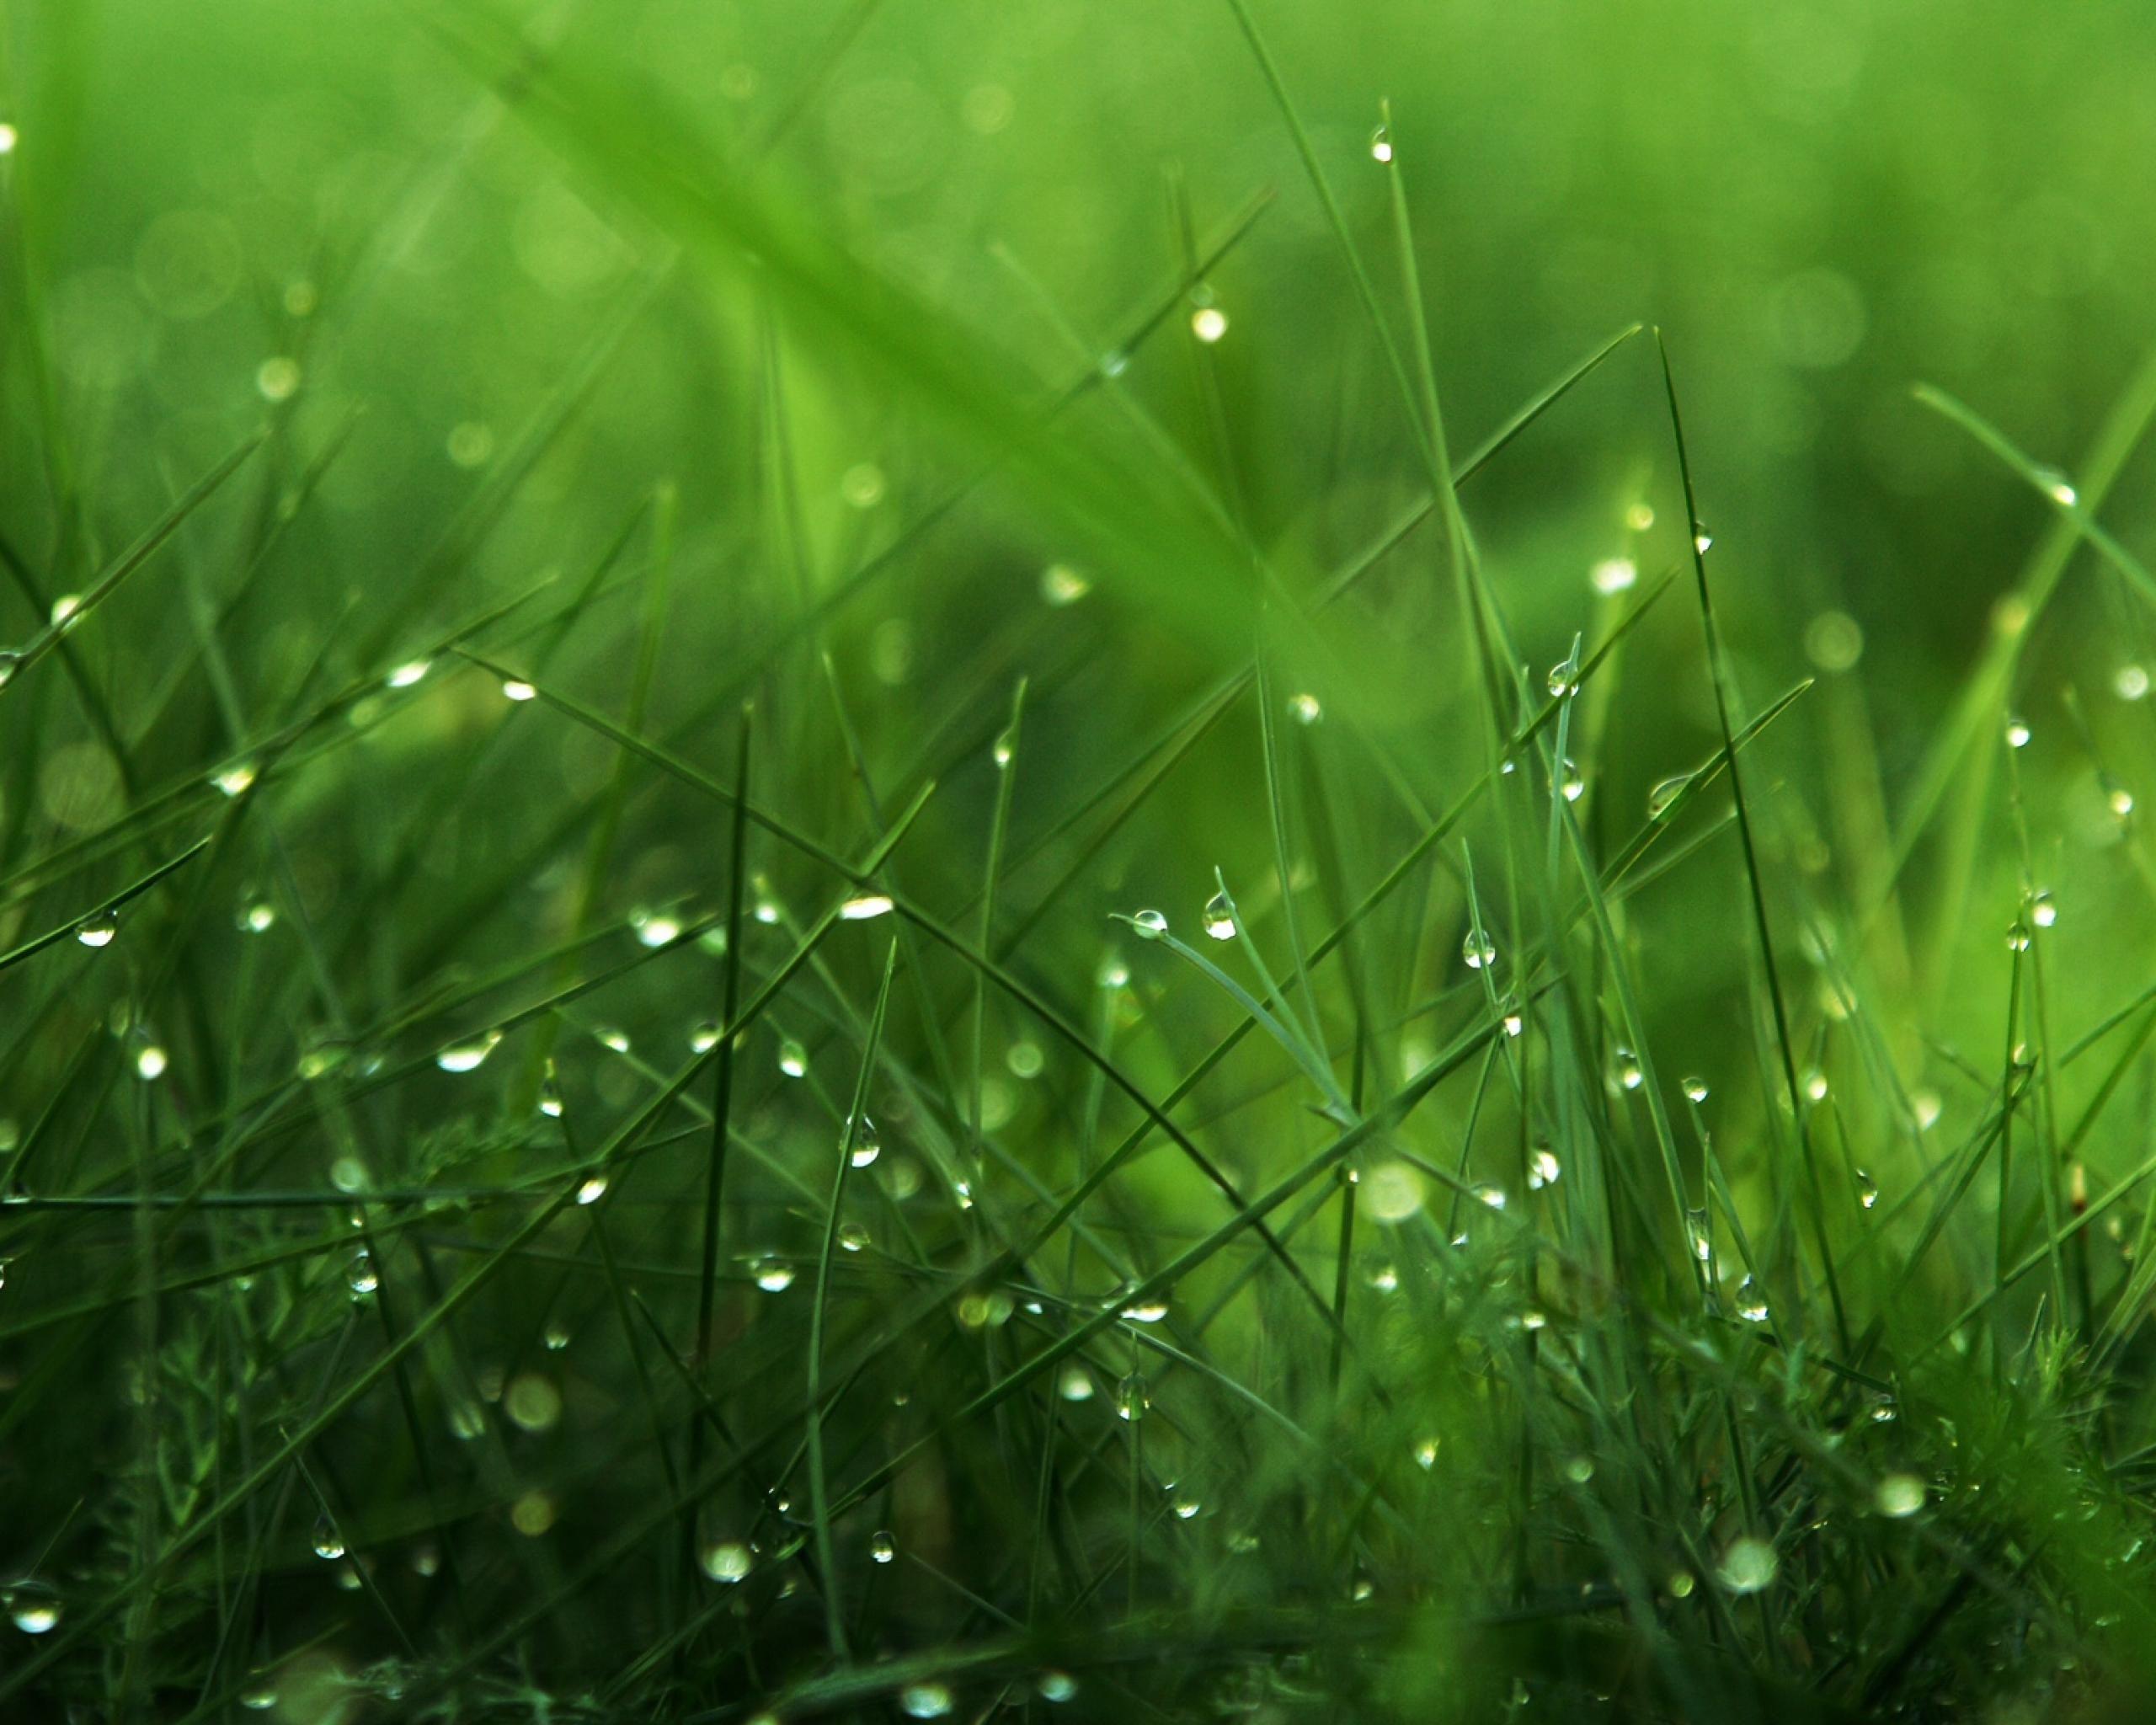 Dew Grass Green Nature Wallpaper Amazing Grass Grass